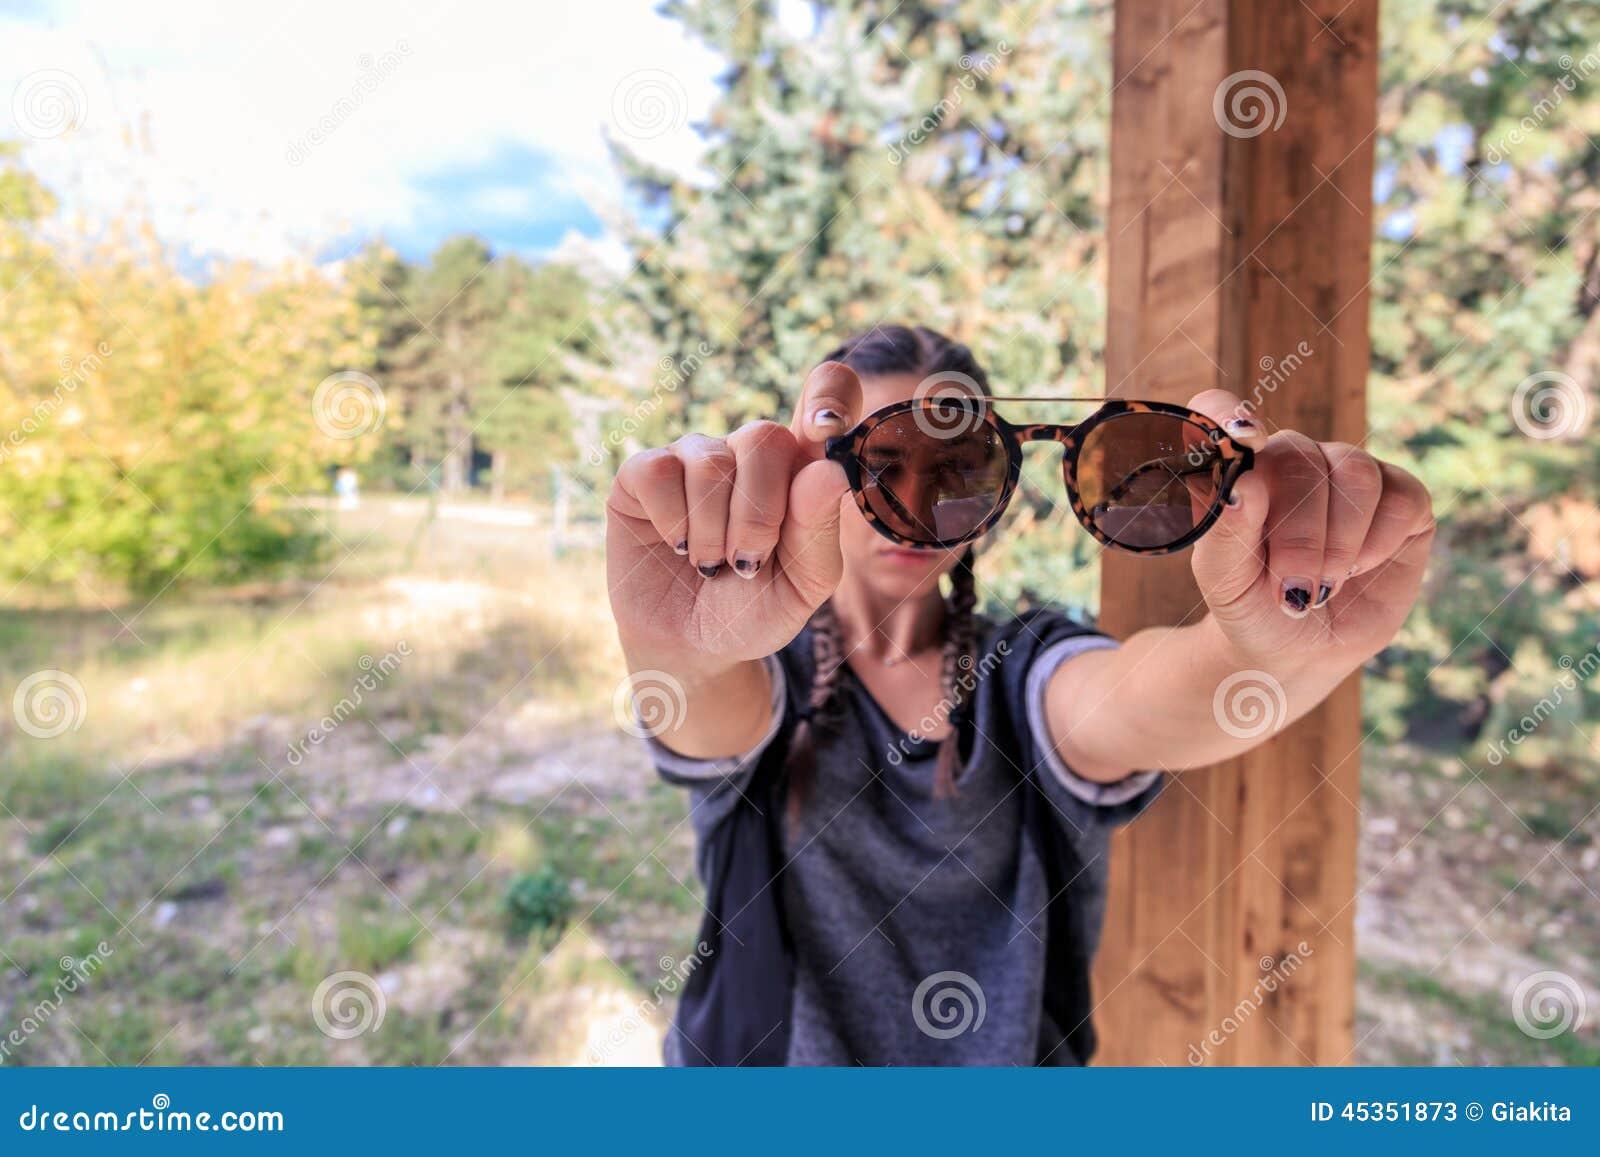 Vérification des lunettes de soleil